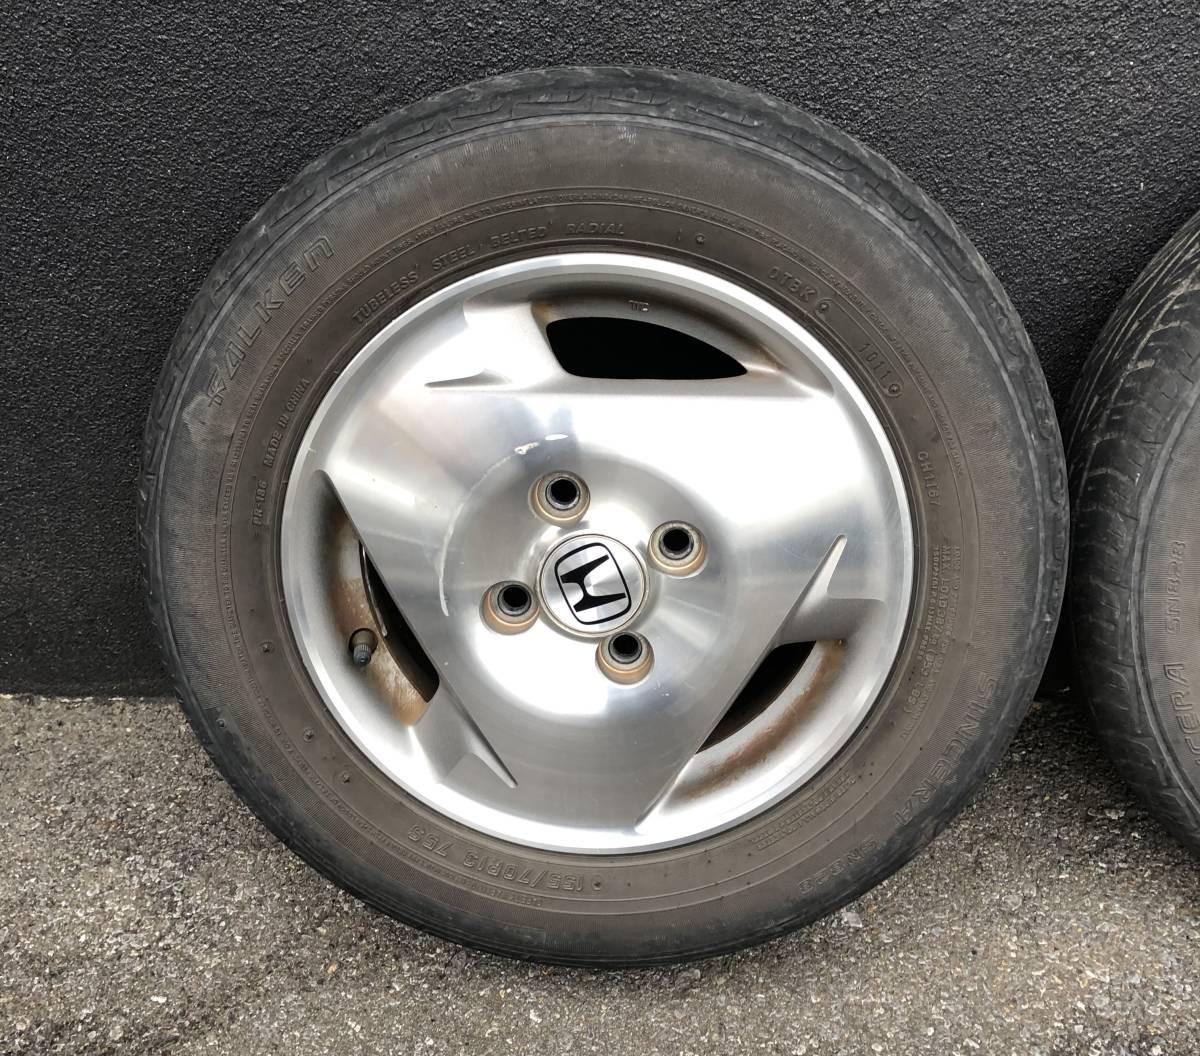 バモス ターボ Sパッケージ タイヤホイールセット 2本 155/70R13_画像2